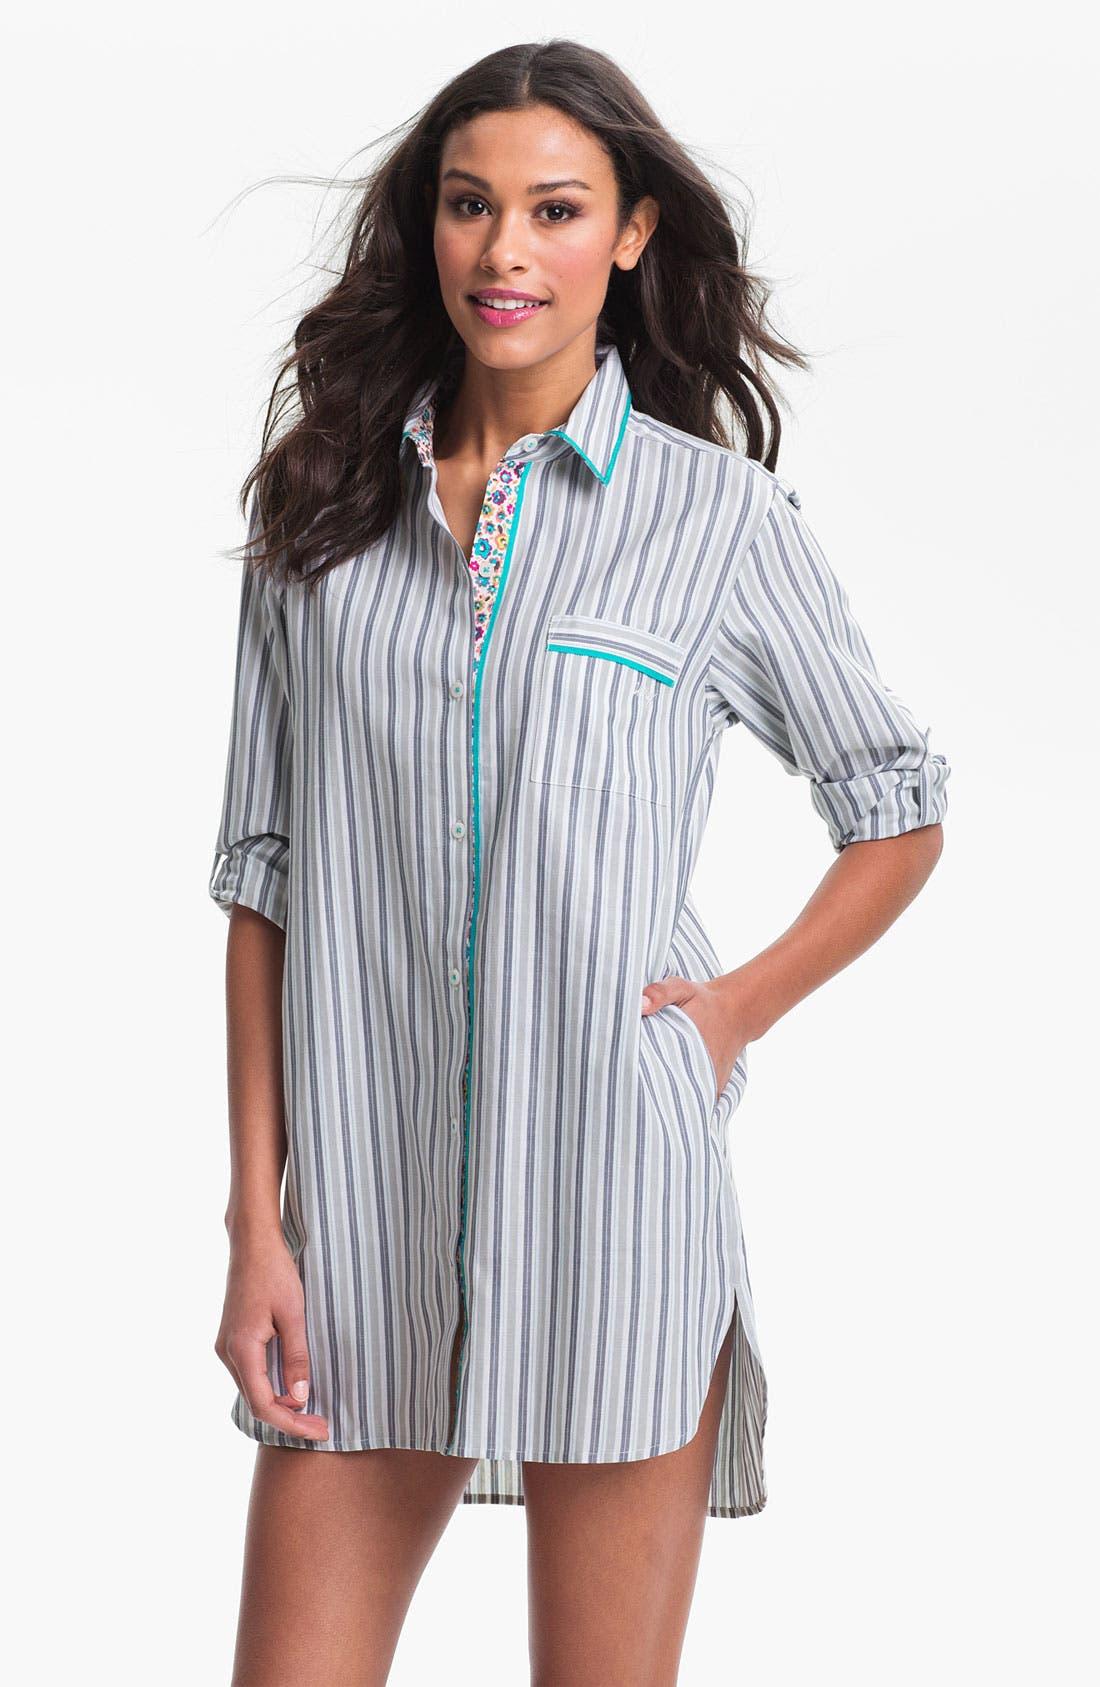 Main Image - DKNY 'Sugar Rush' Woven Nightshirt